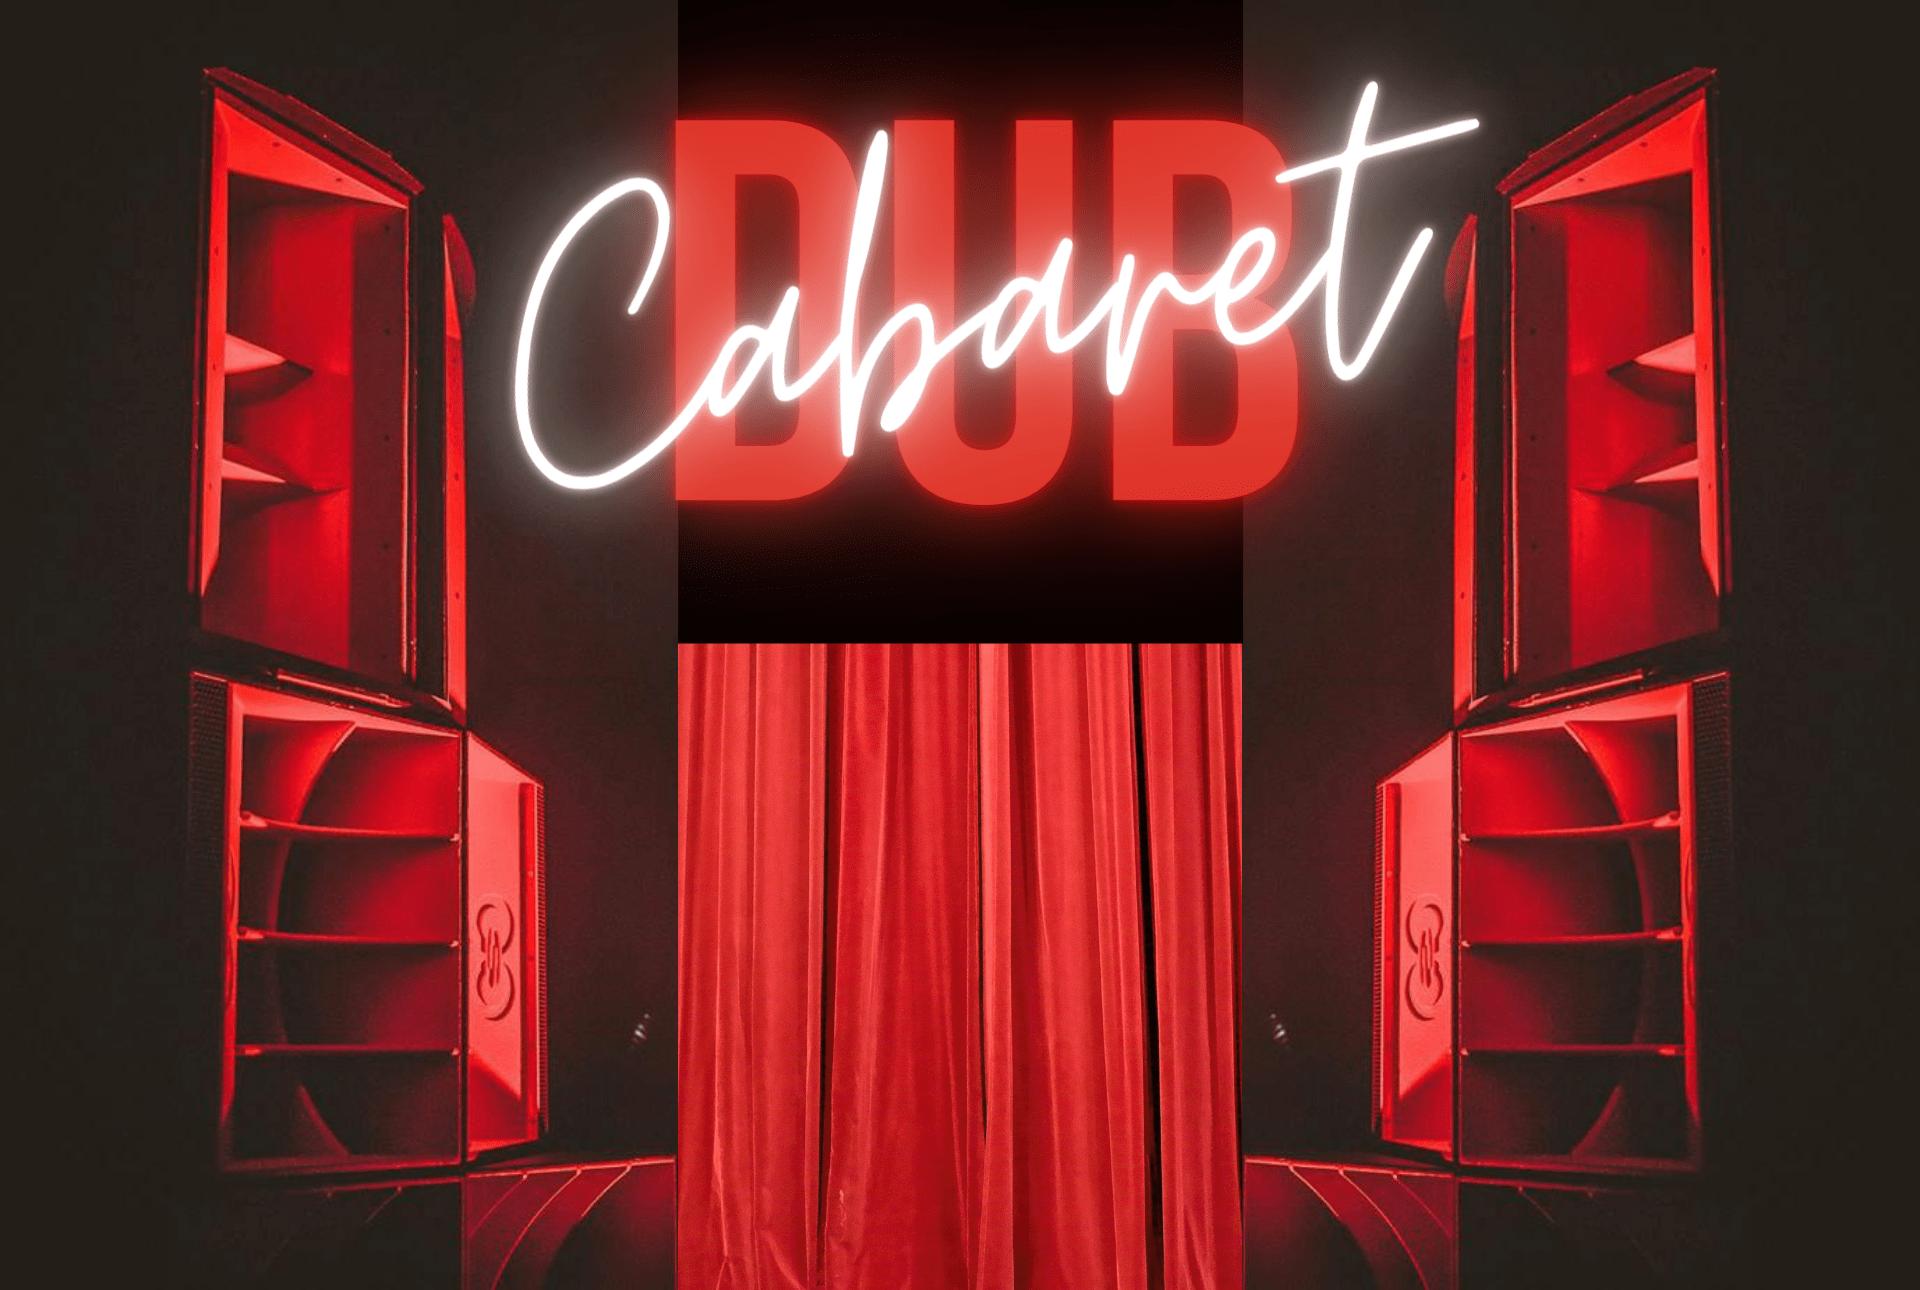 Cabaret Dub, Dub Shepherd, Nai Jah, Fabasstone, Anti-Bypass